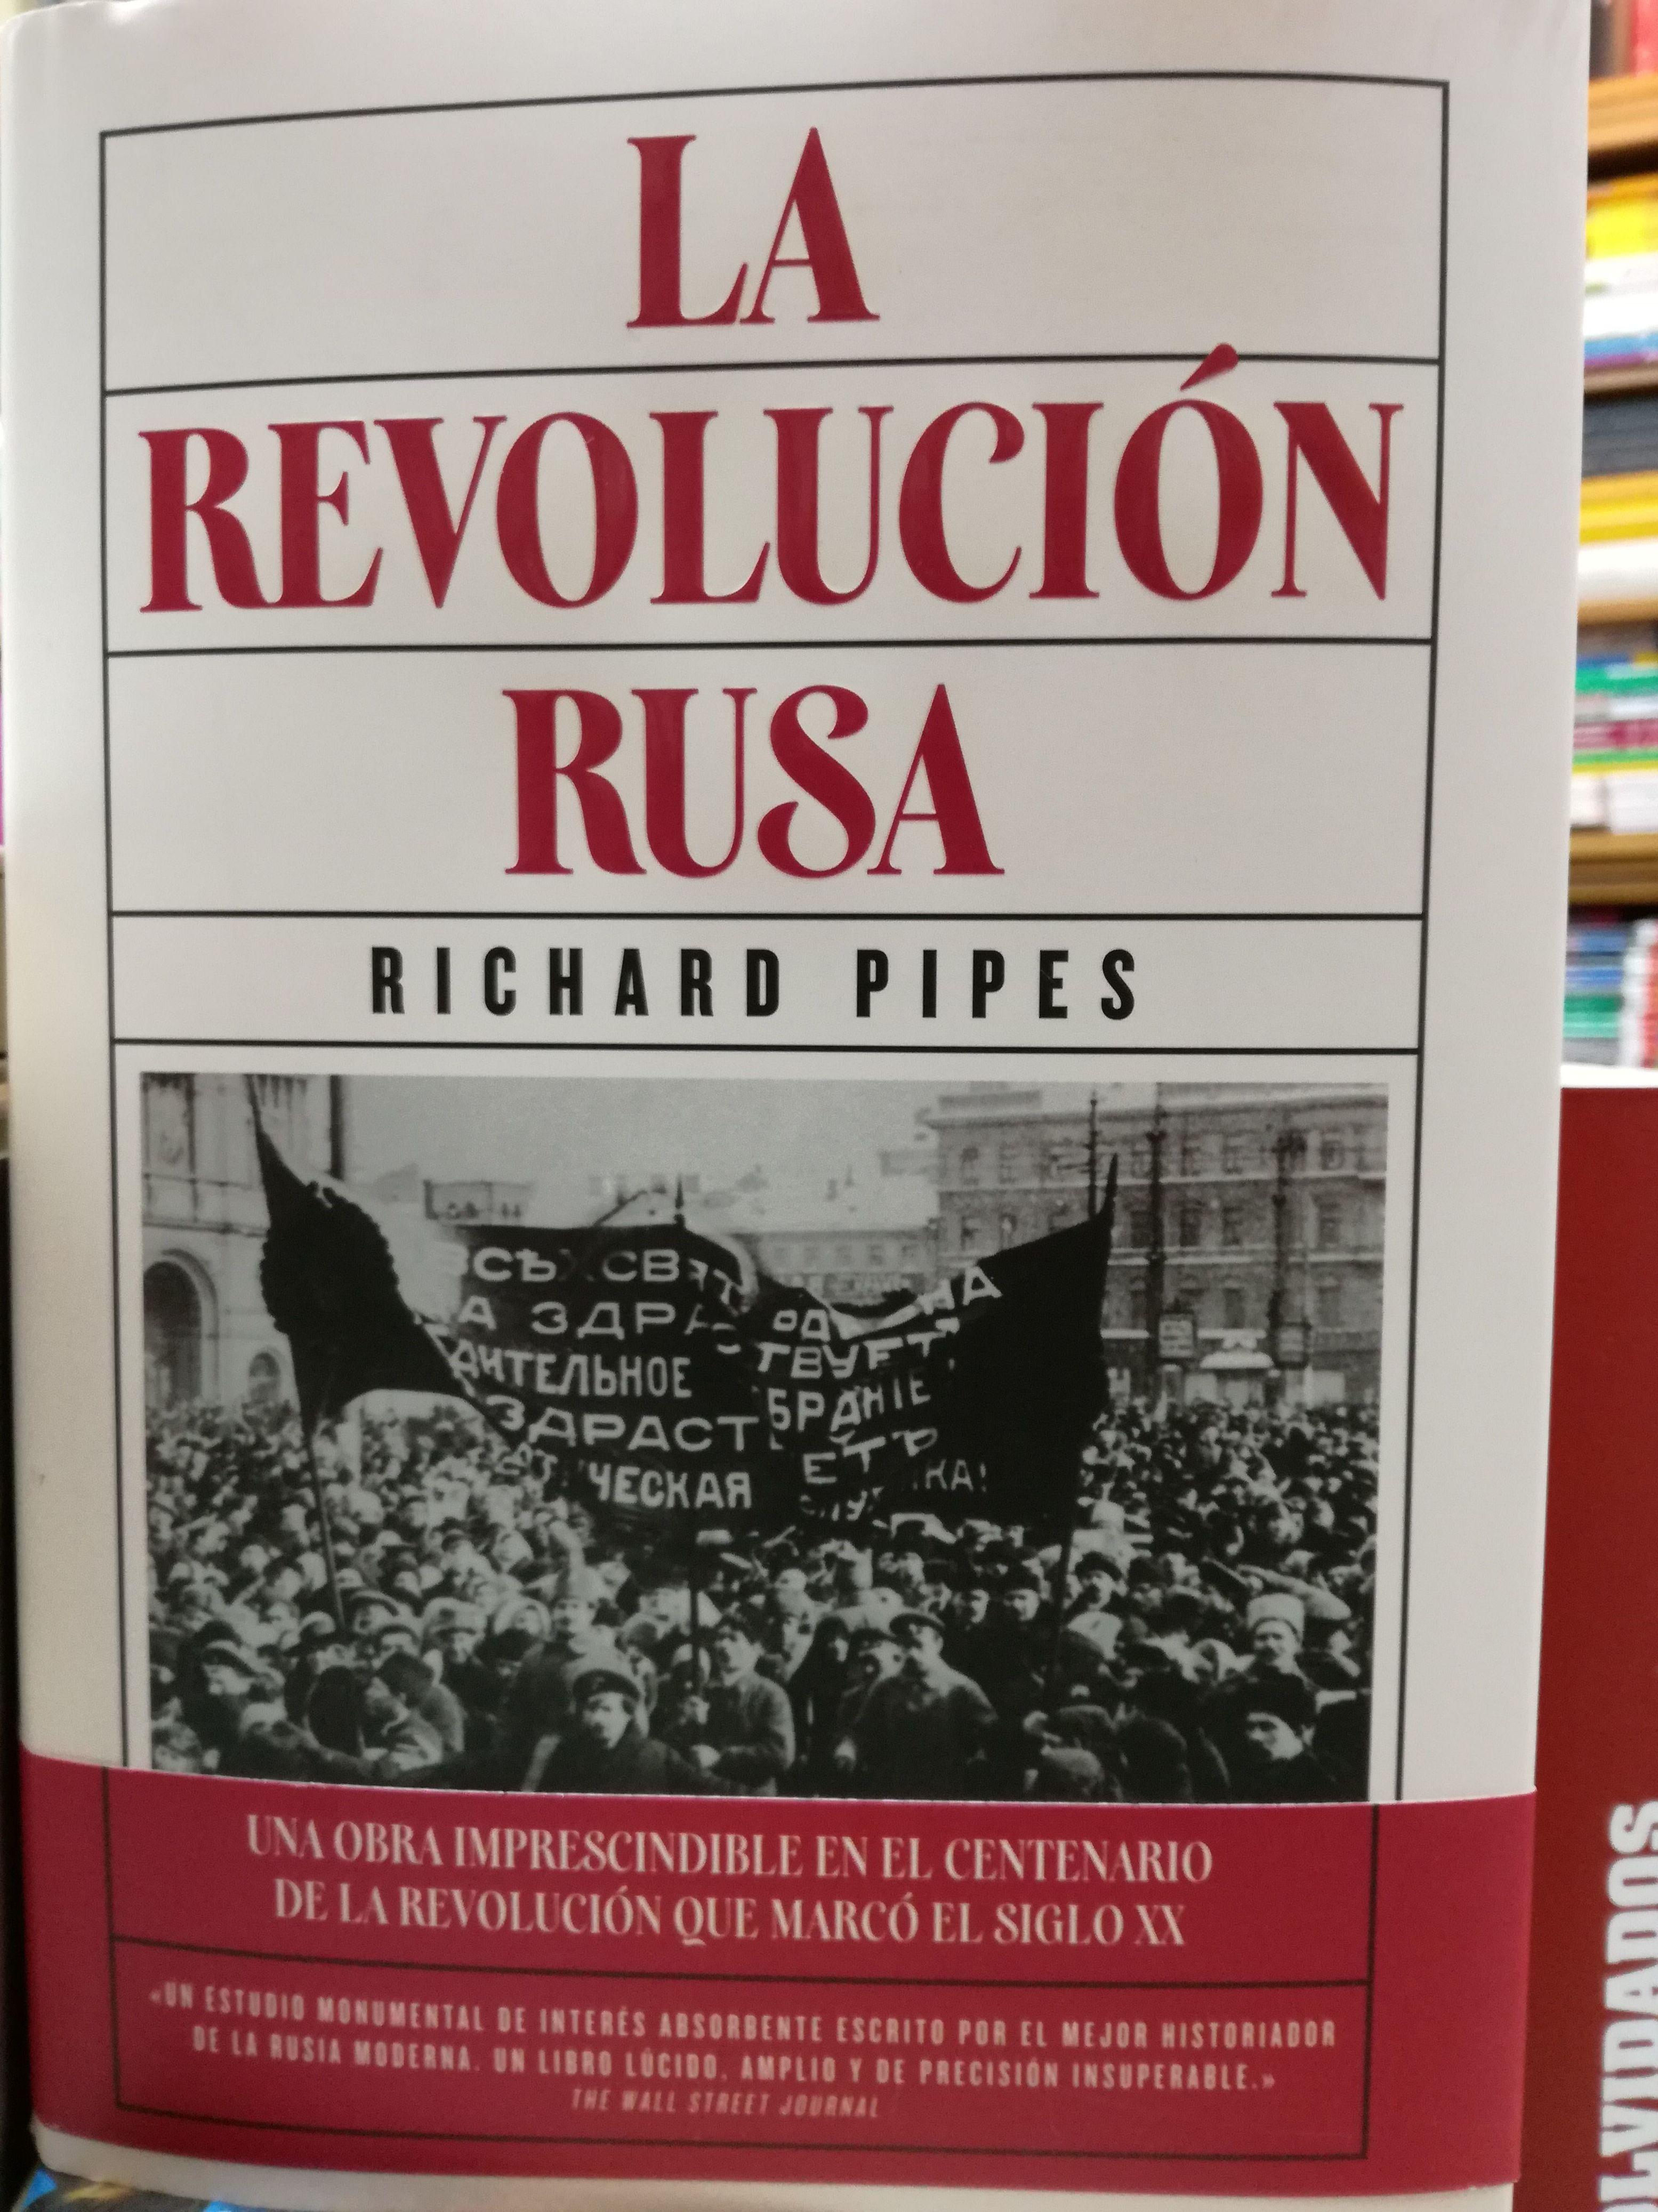 La Revolución Rusa : SECCIONES de Librería Nueva Plaza Universitaria